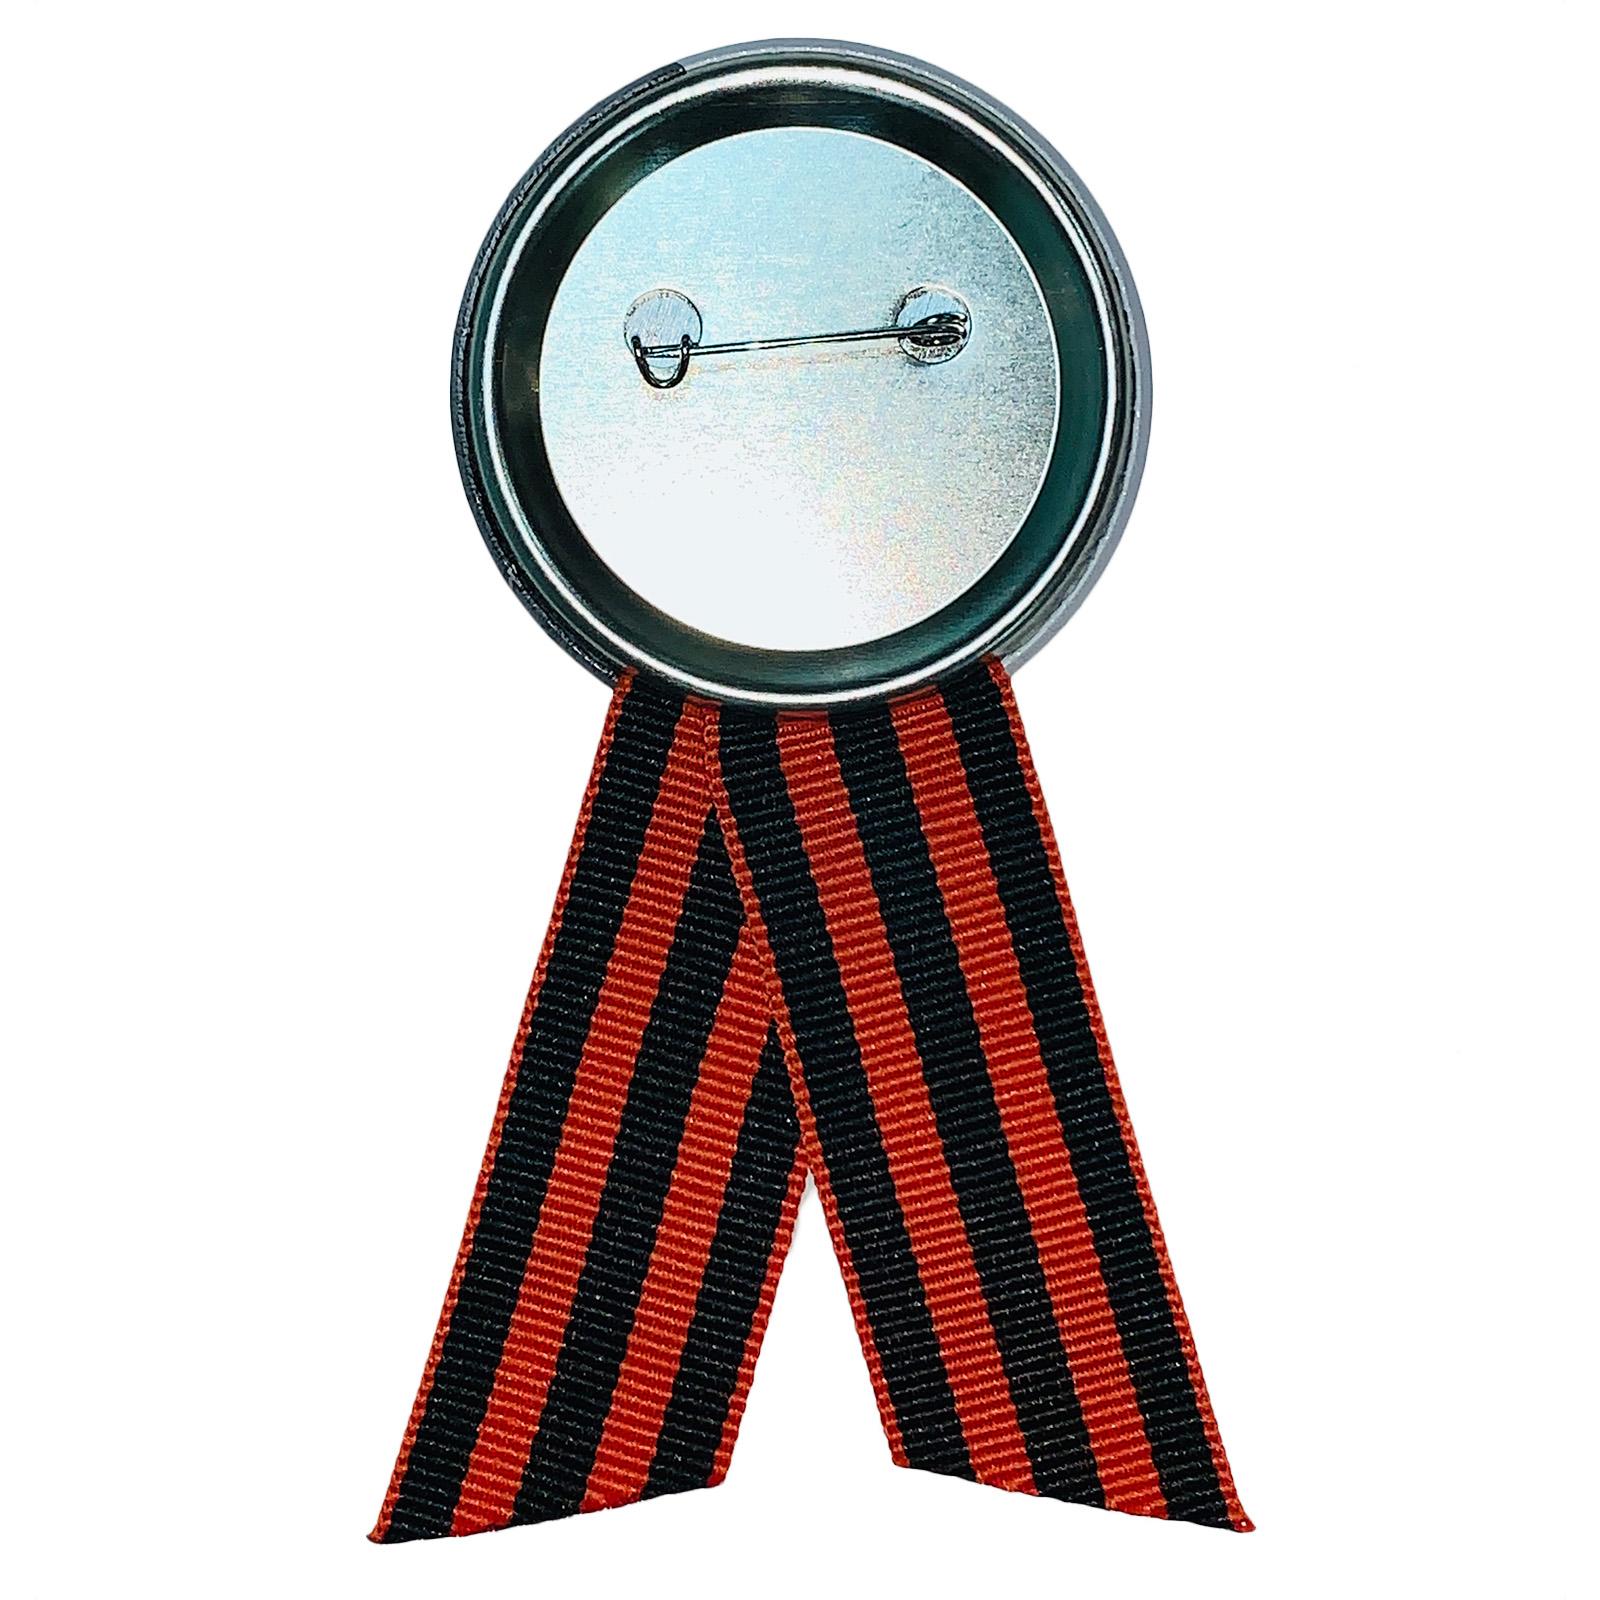 Значок «Труженик тыла» на 75 лет Победы - крепление булавка